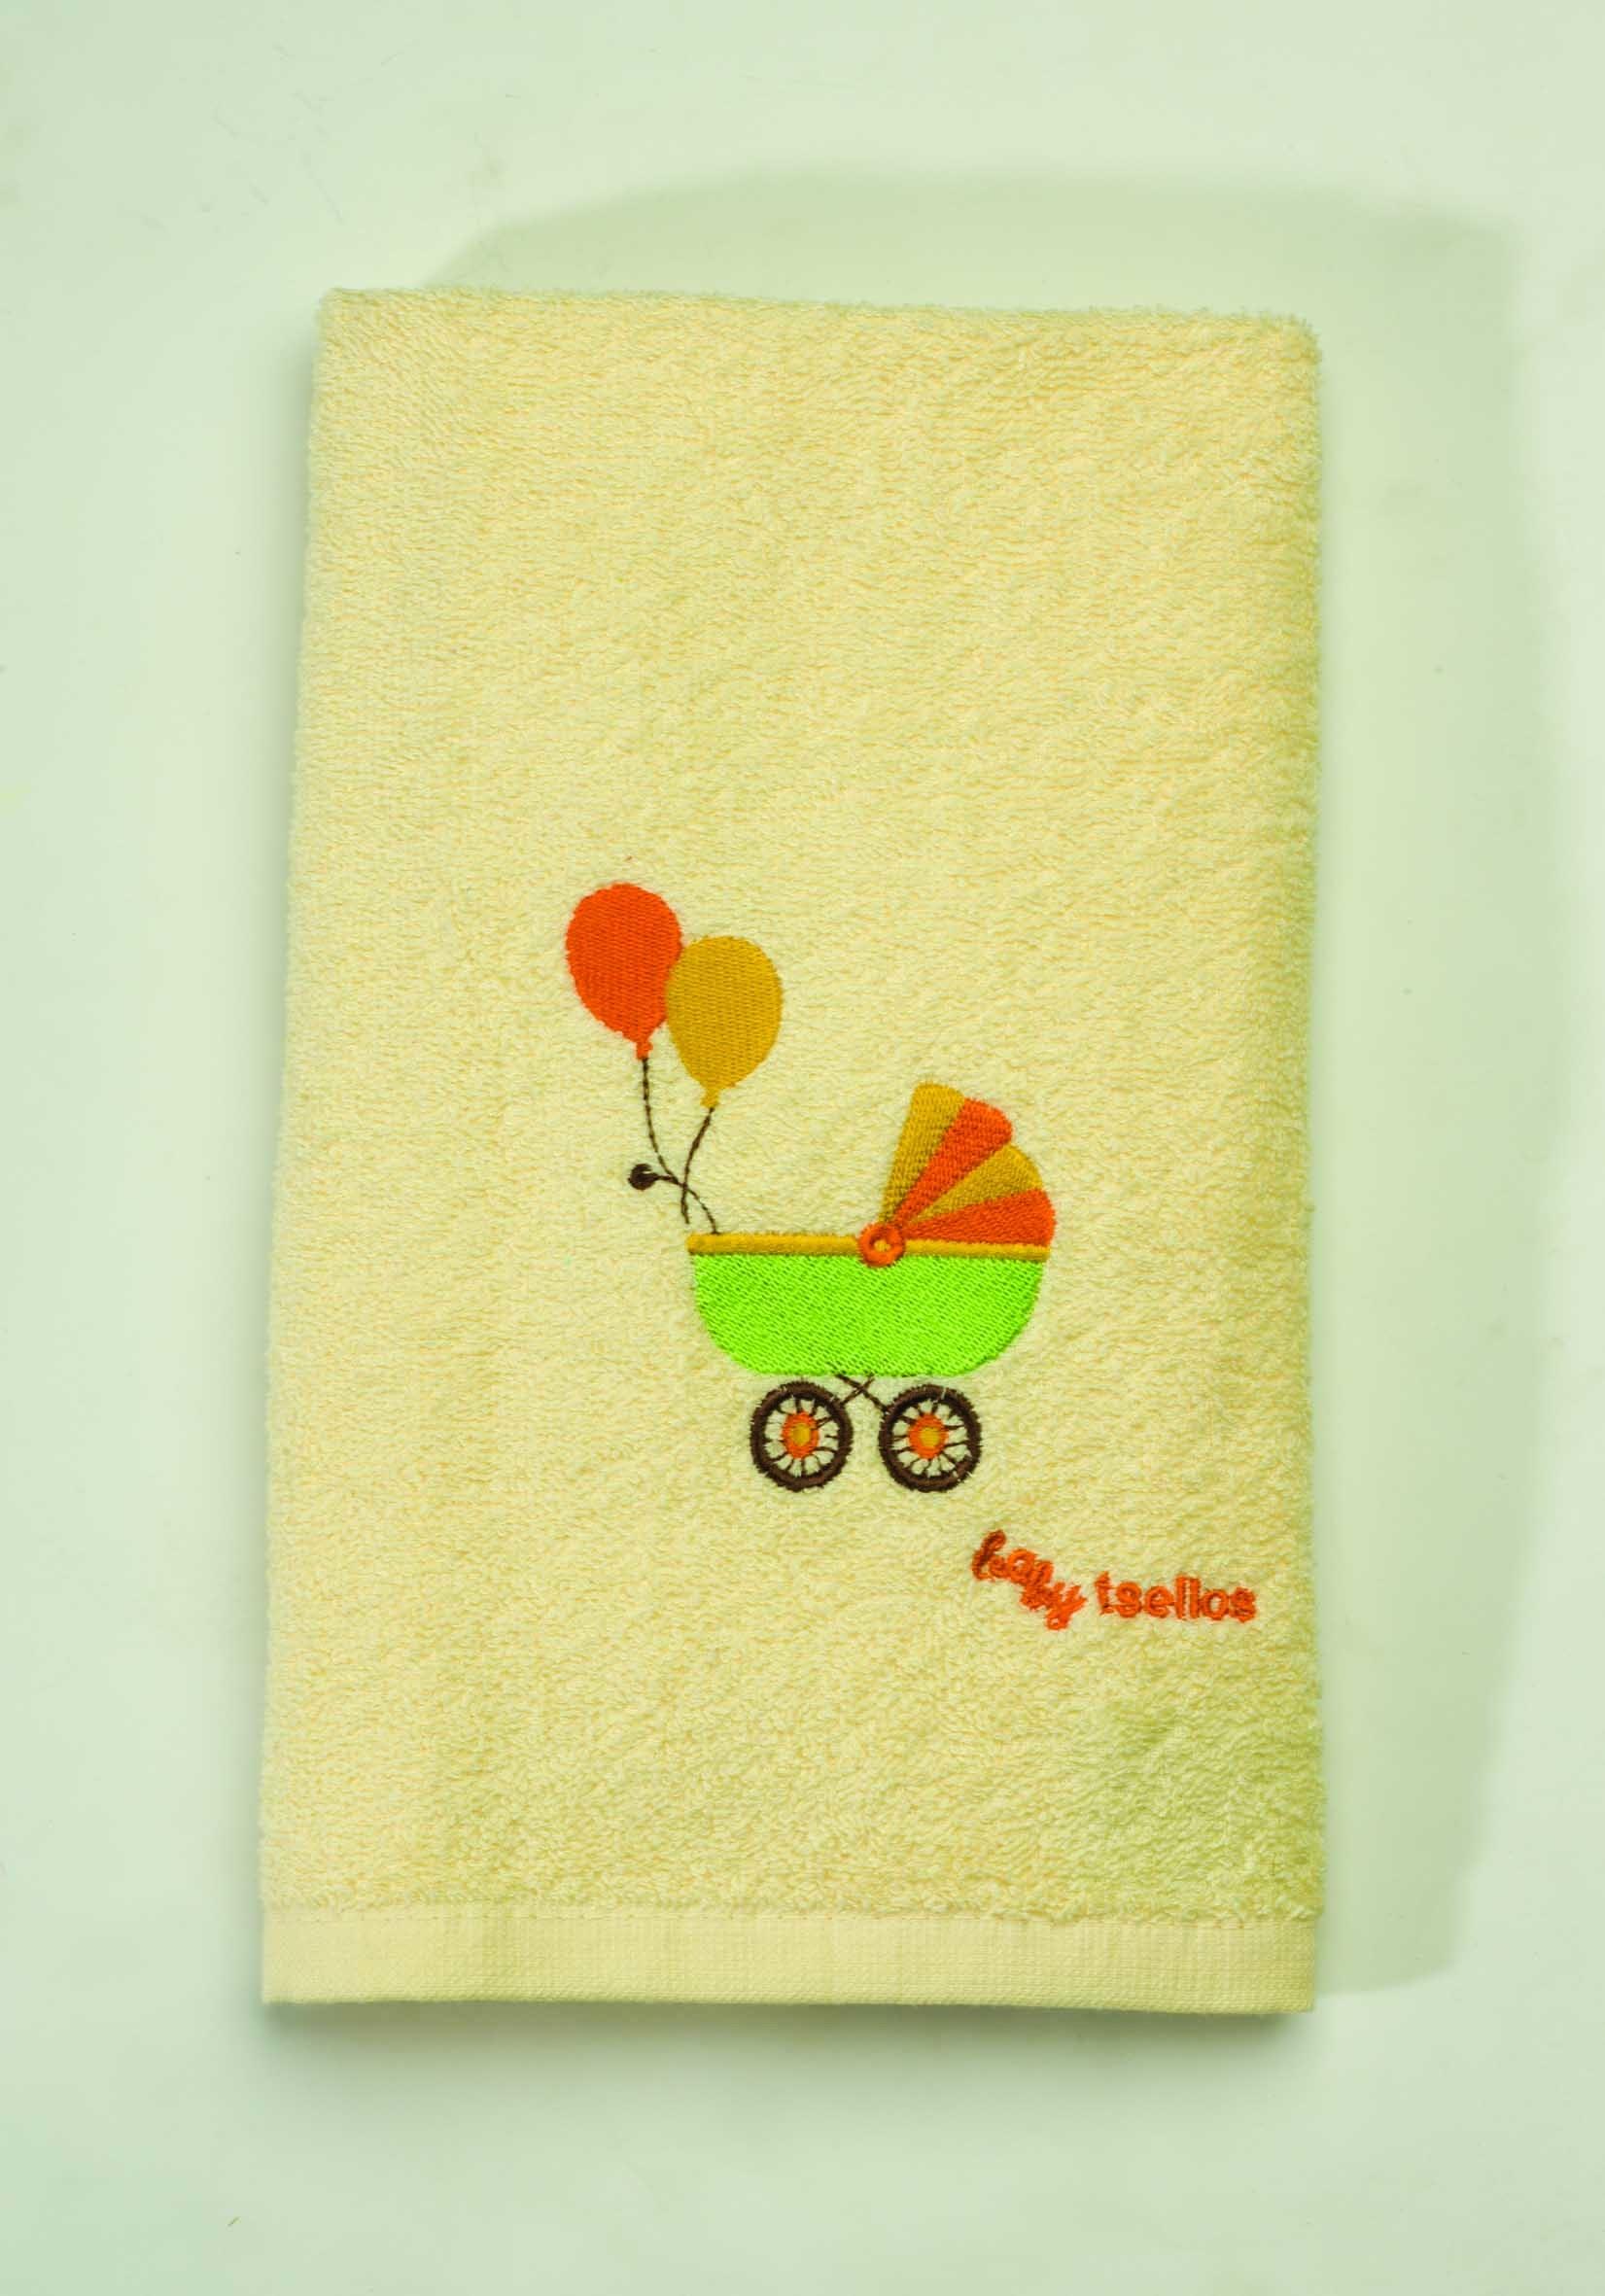 Βρεφικές Πετσέτες (Σετ 2τμχ) Makis Tselios Baby Walk